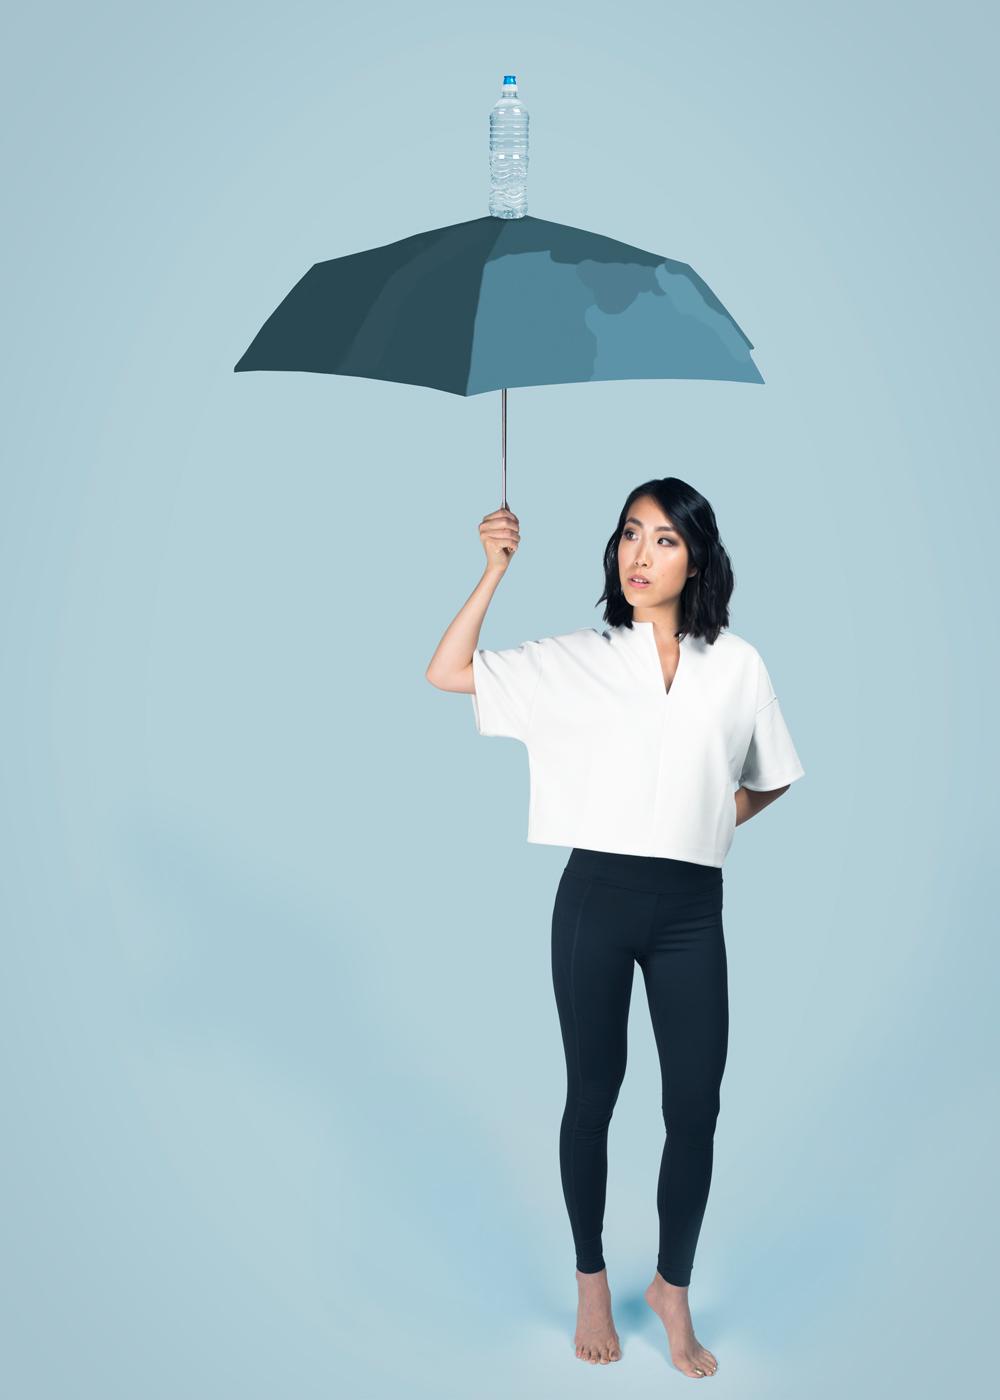 Legging It Rain